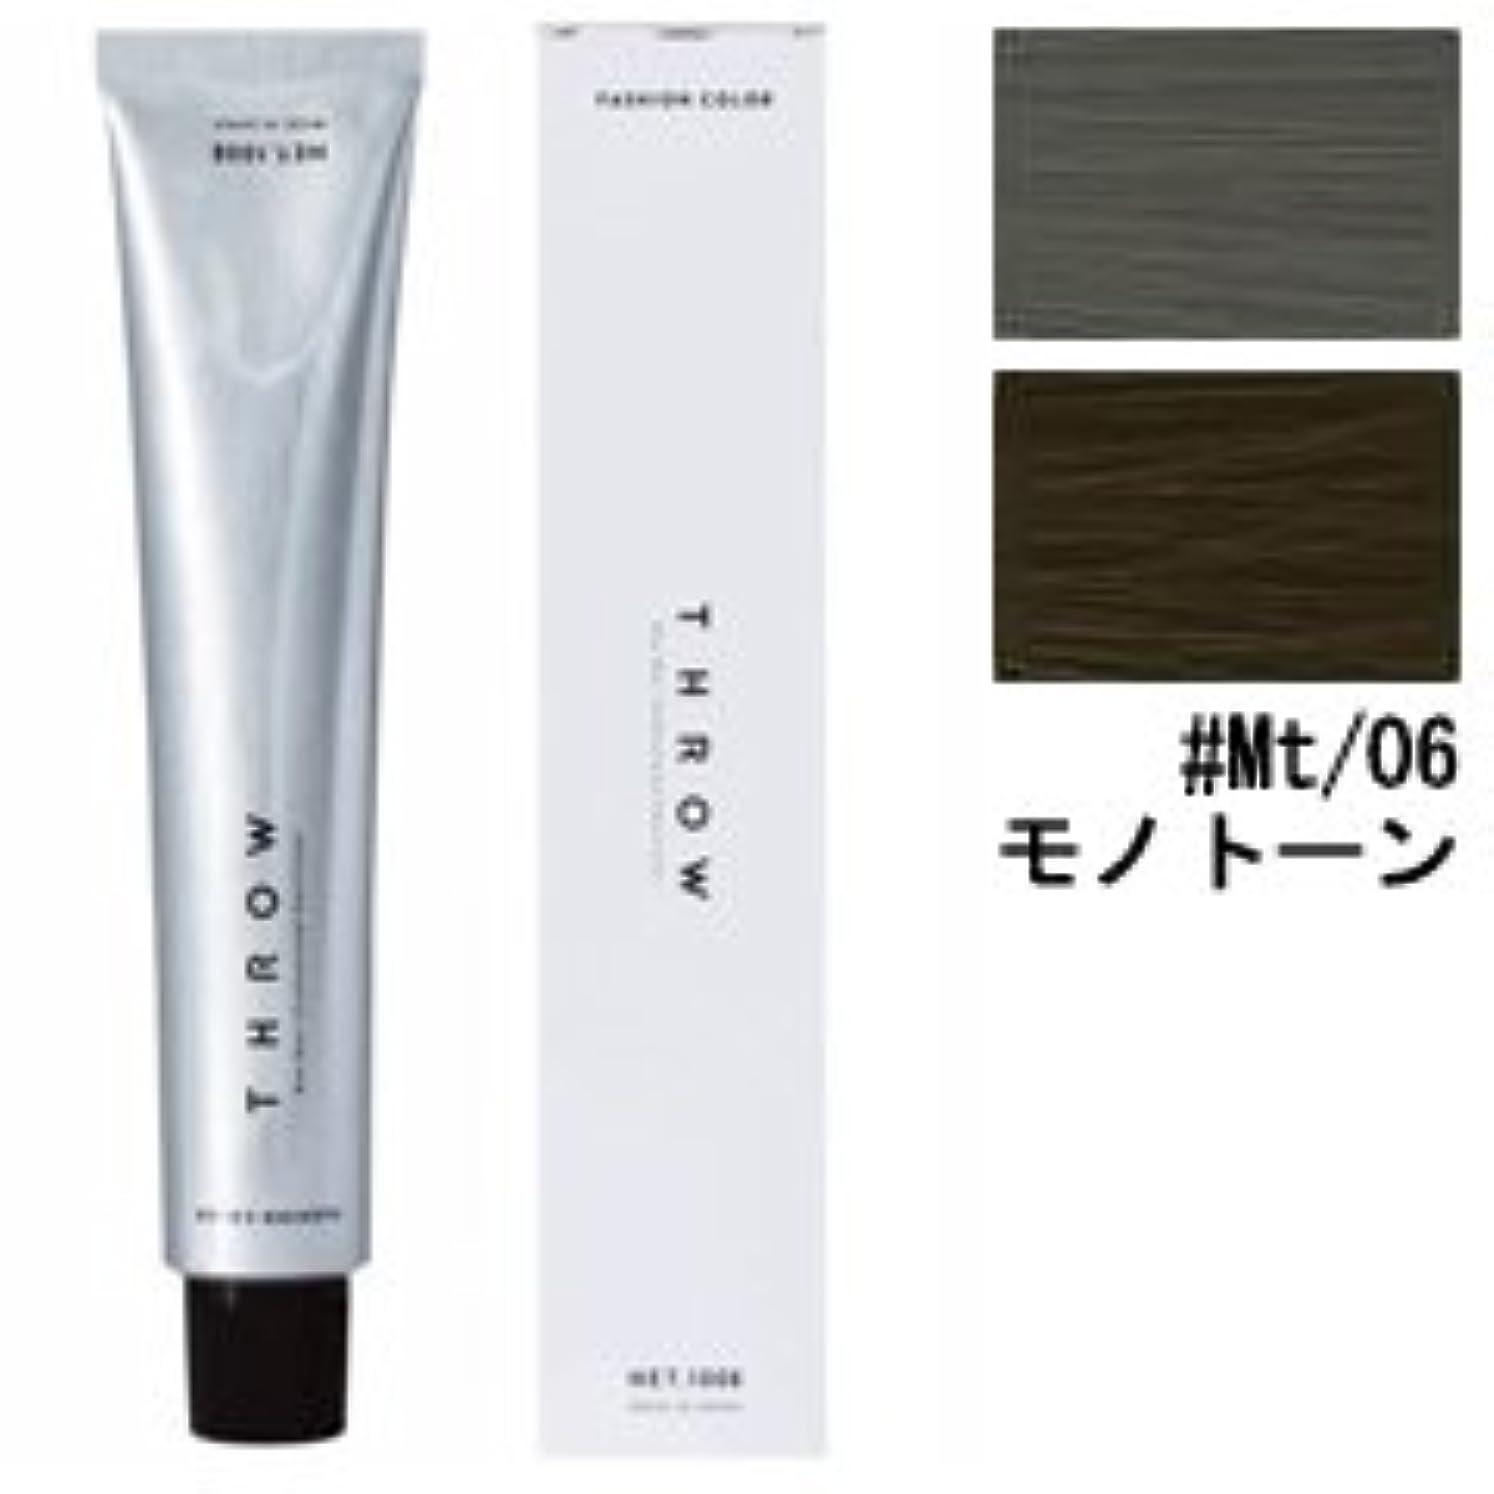 スロット震え酸っぱい【モルトベーネ】スロウ ファッションカラー #Mt/06 モノトーン 100g